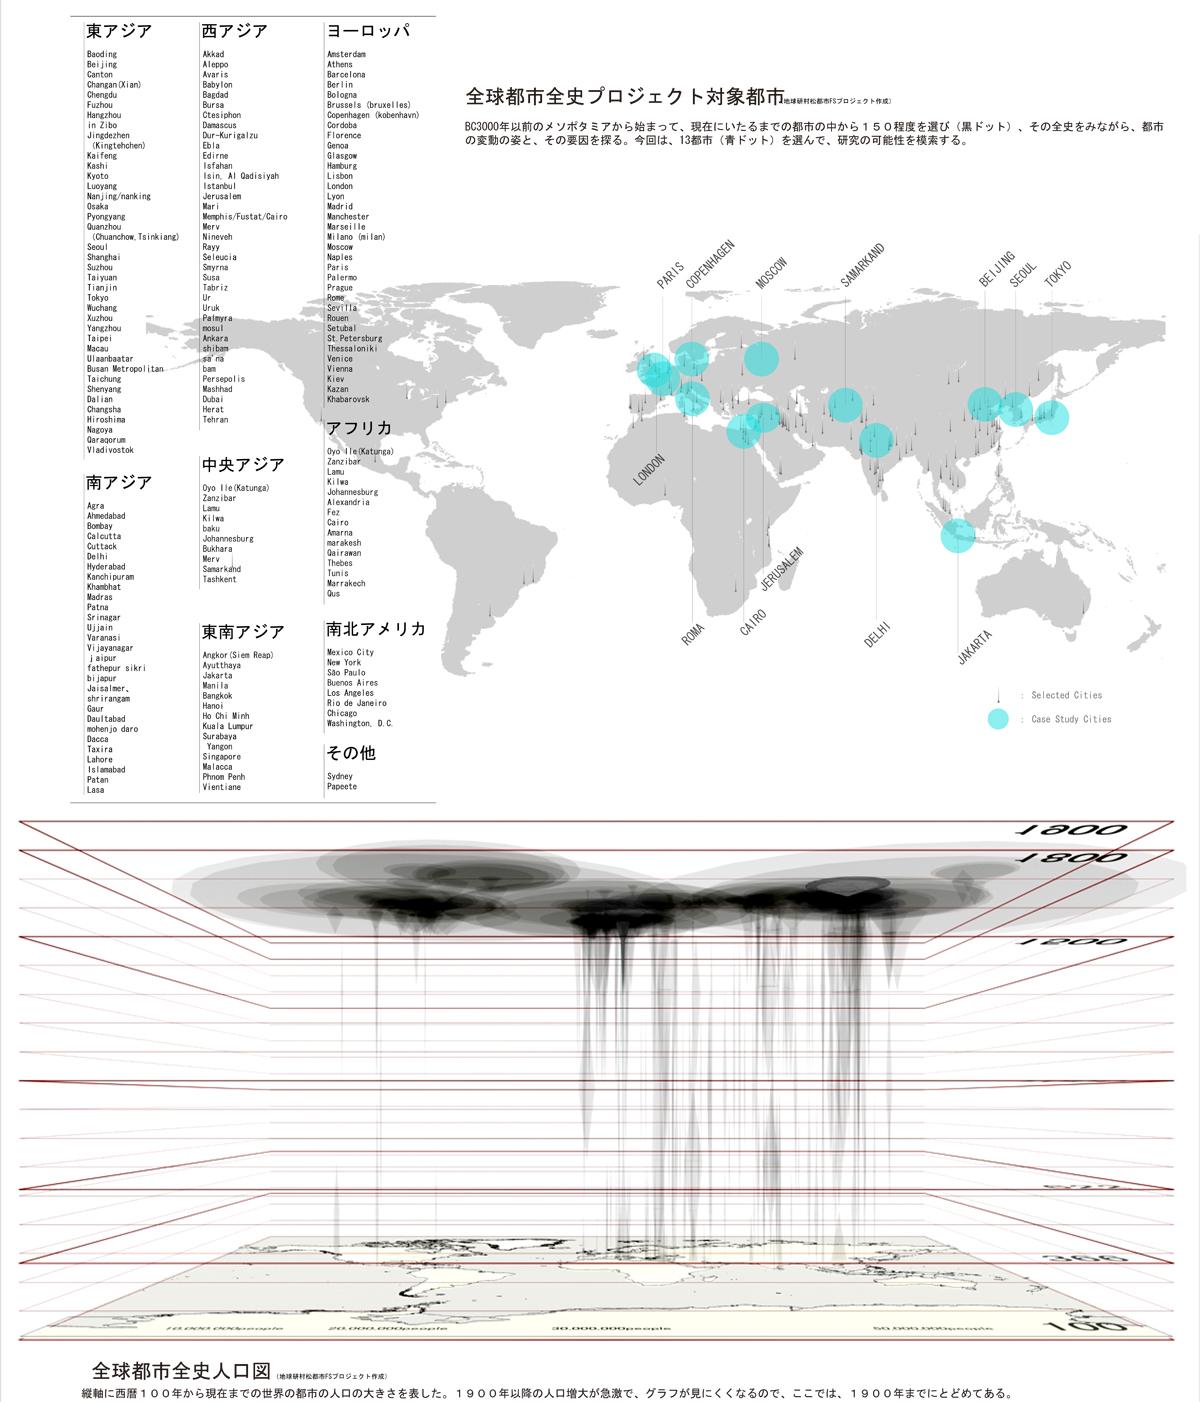 全球都市全史プロジェクト対象都市